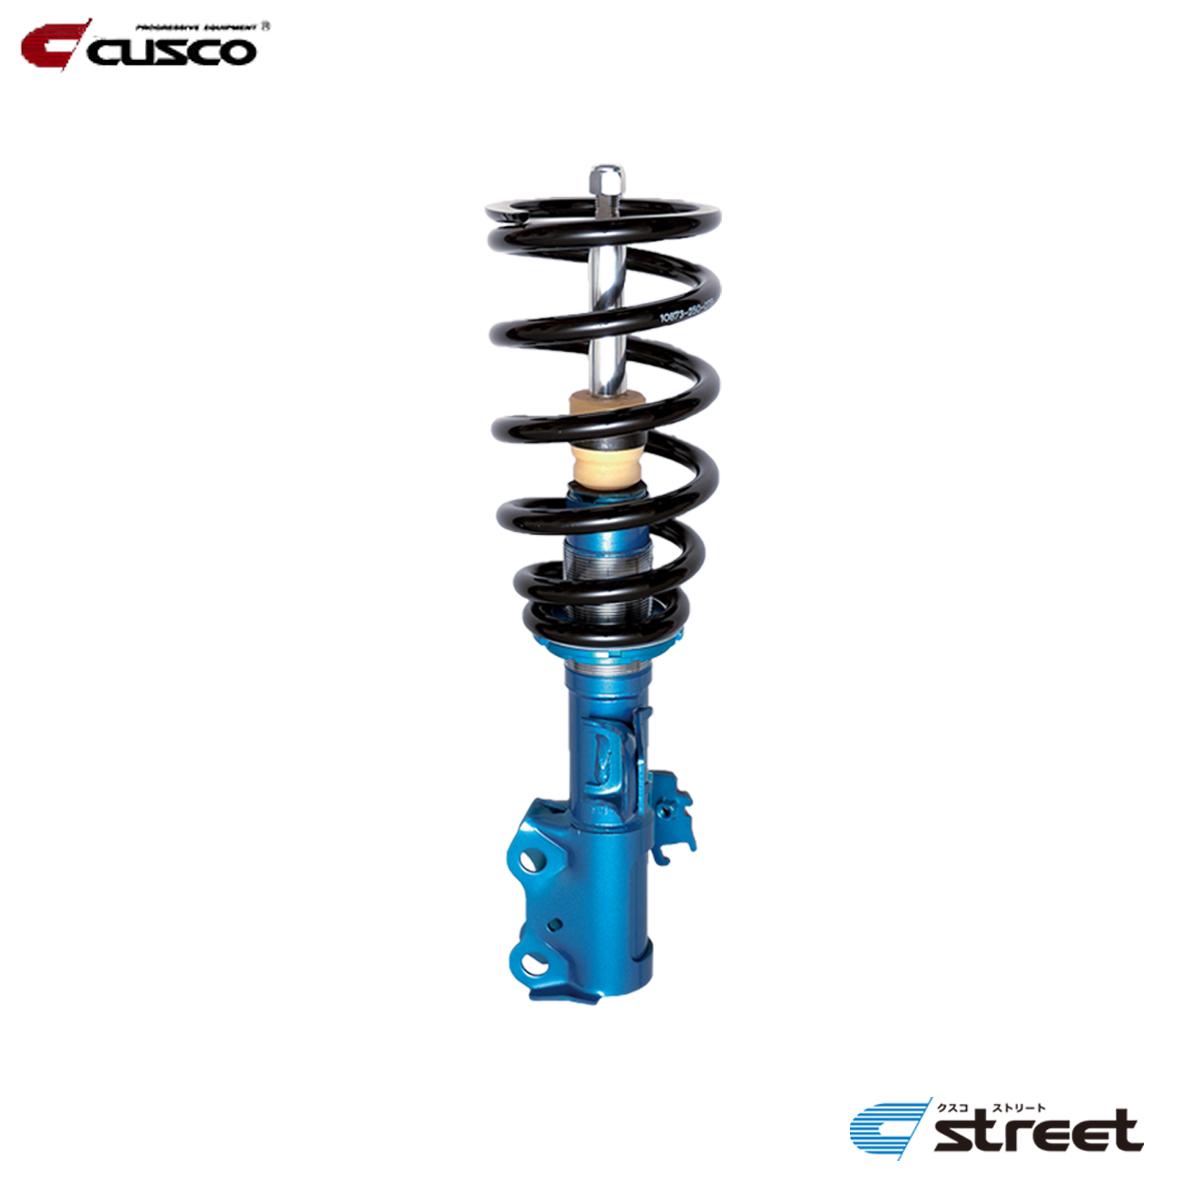 CUSCO クスコ ワゴンR MC22S 車高調 全長固定式 629-62K-CBA